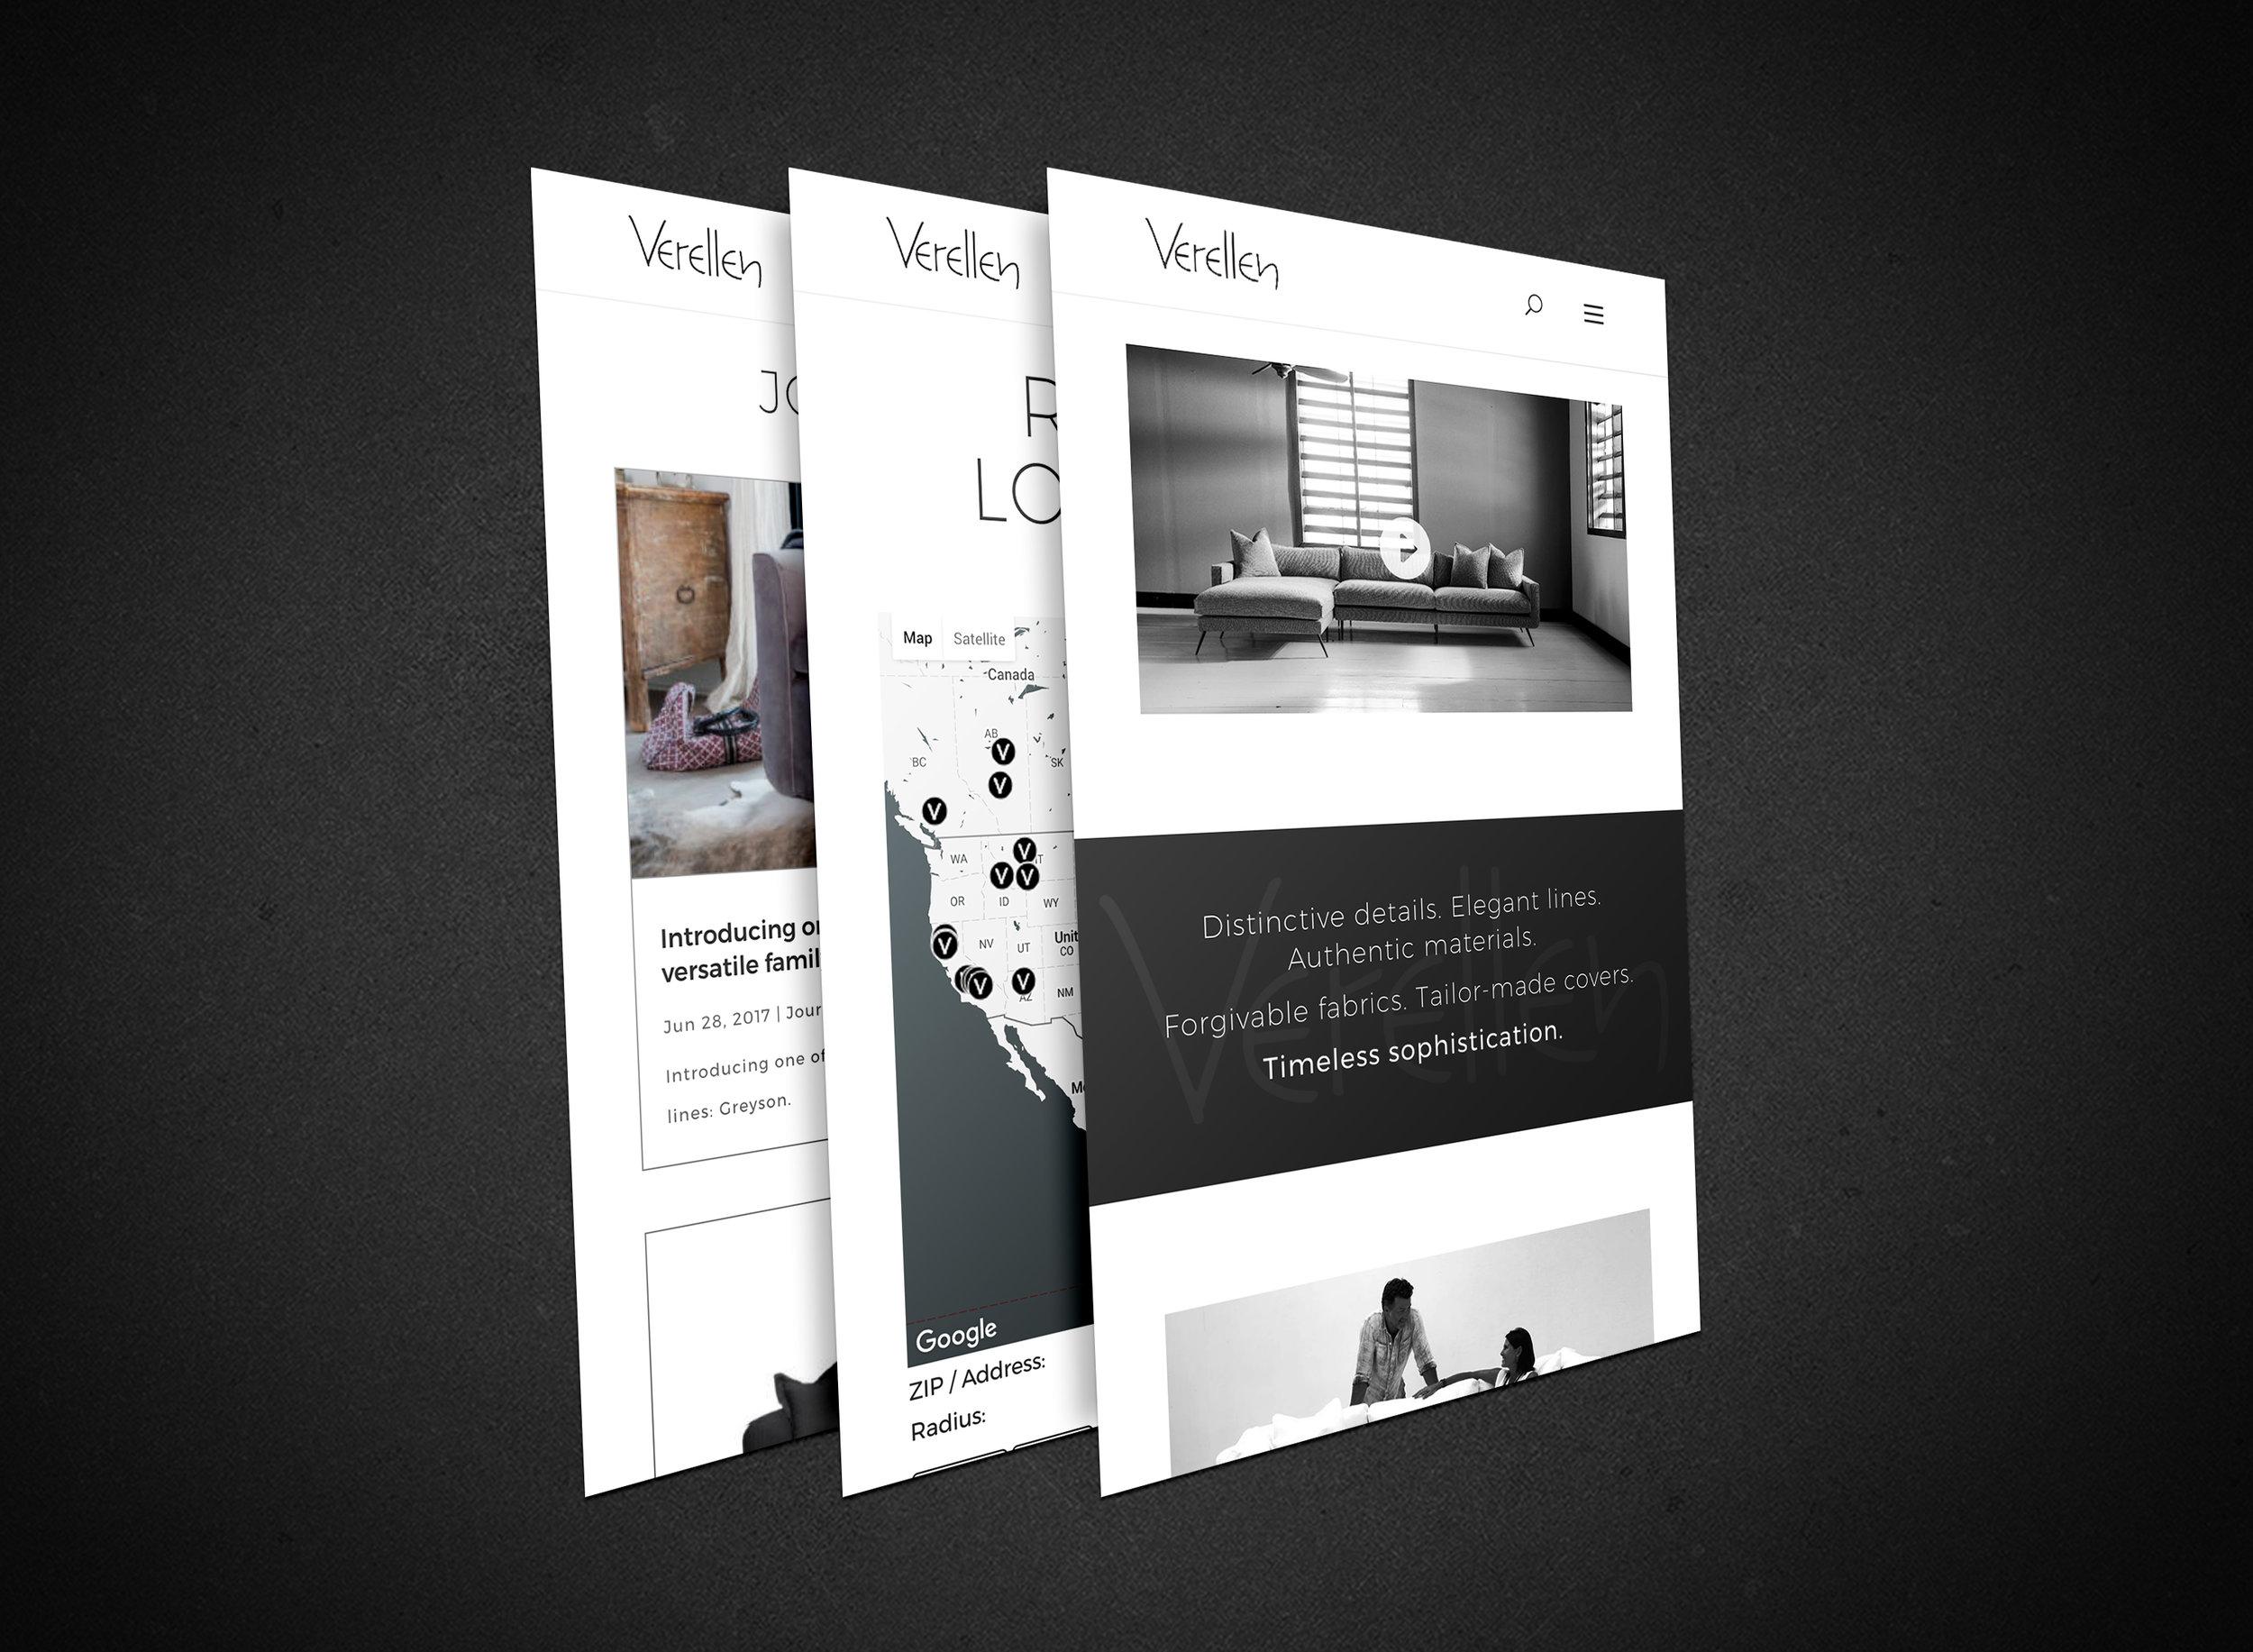 Verellen_AppScreens.jpg